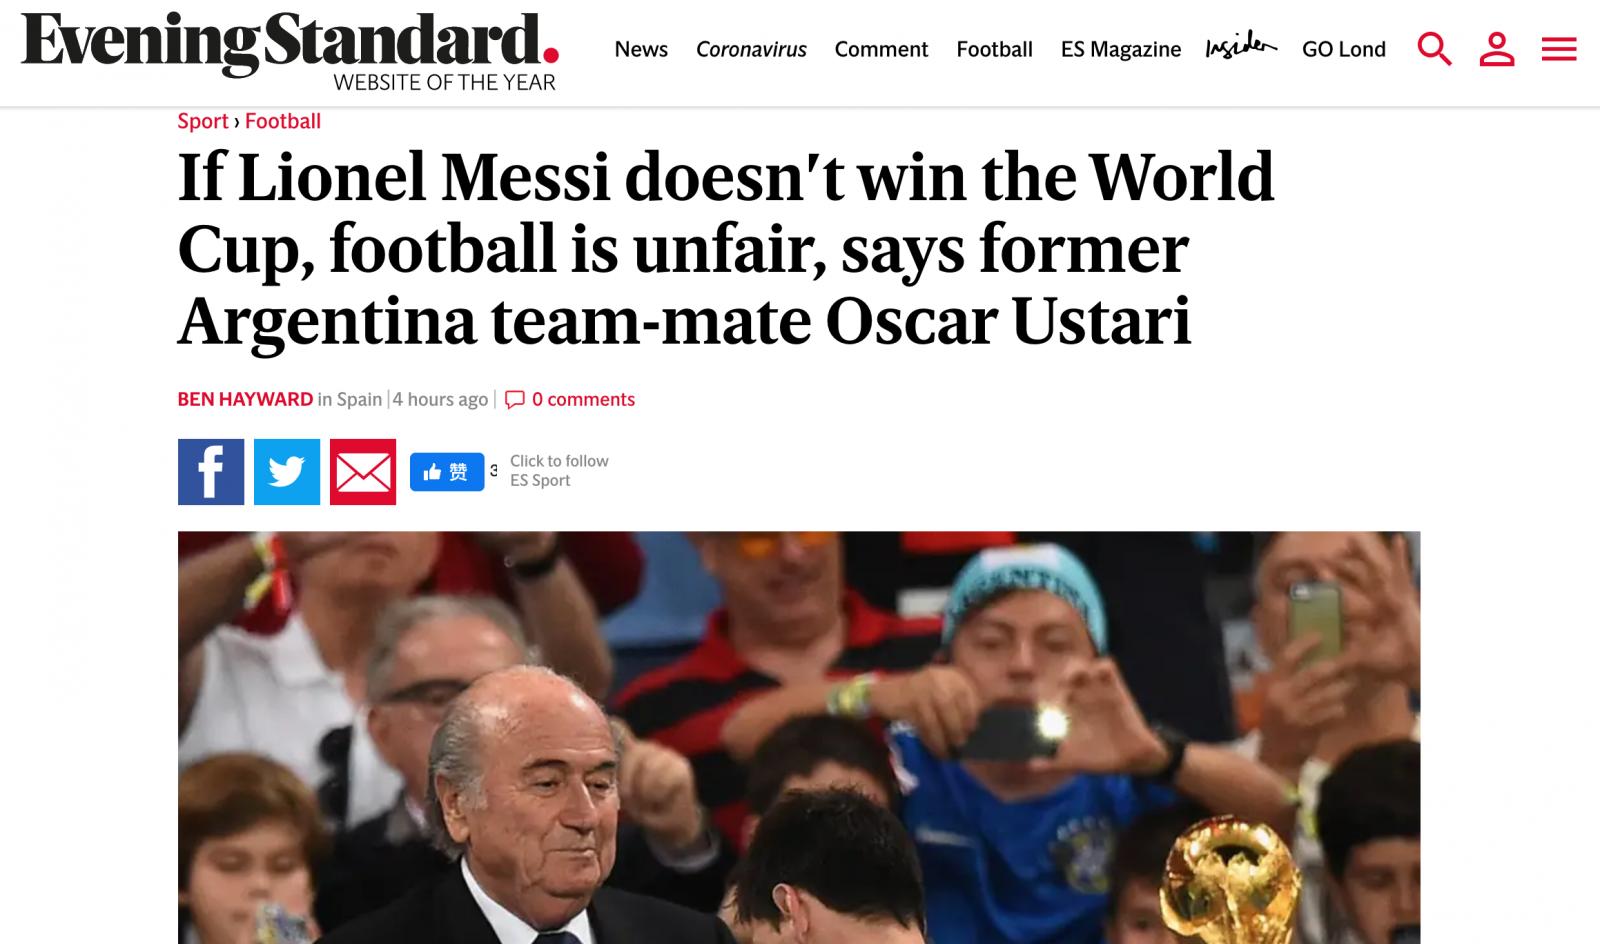 前国门:如果梅西没拿到世界杯,那足球就是不公平的